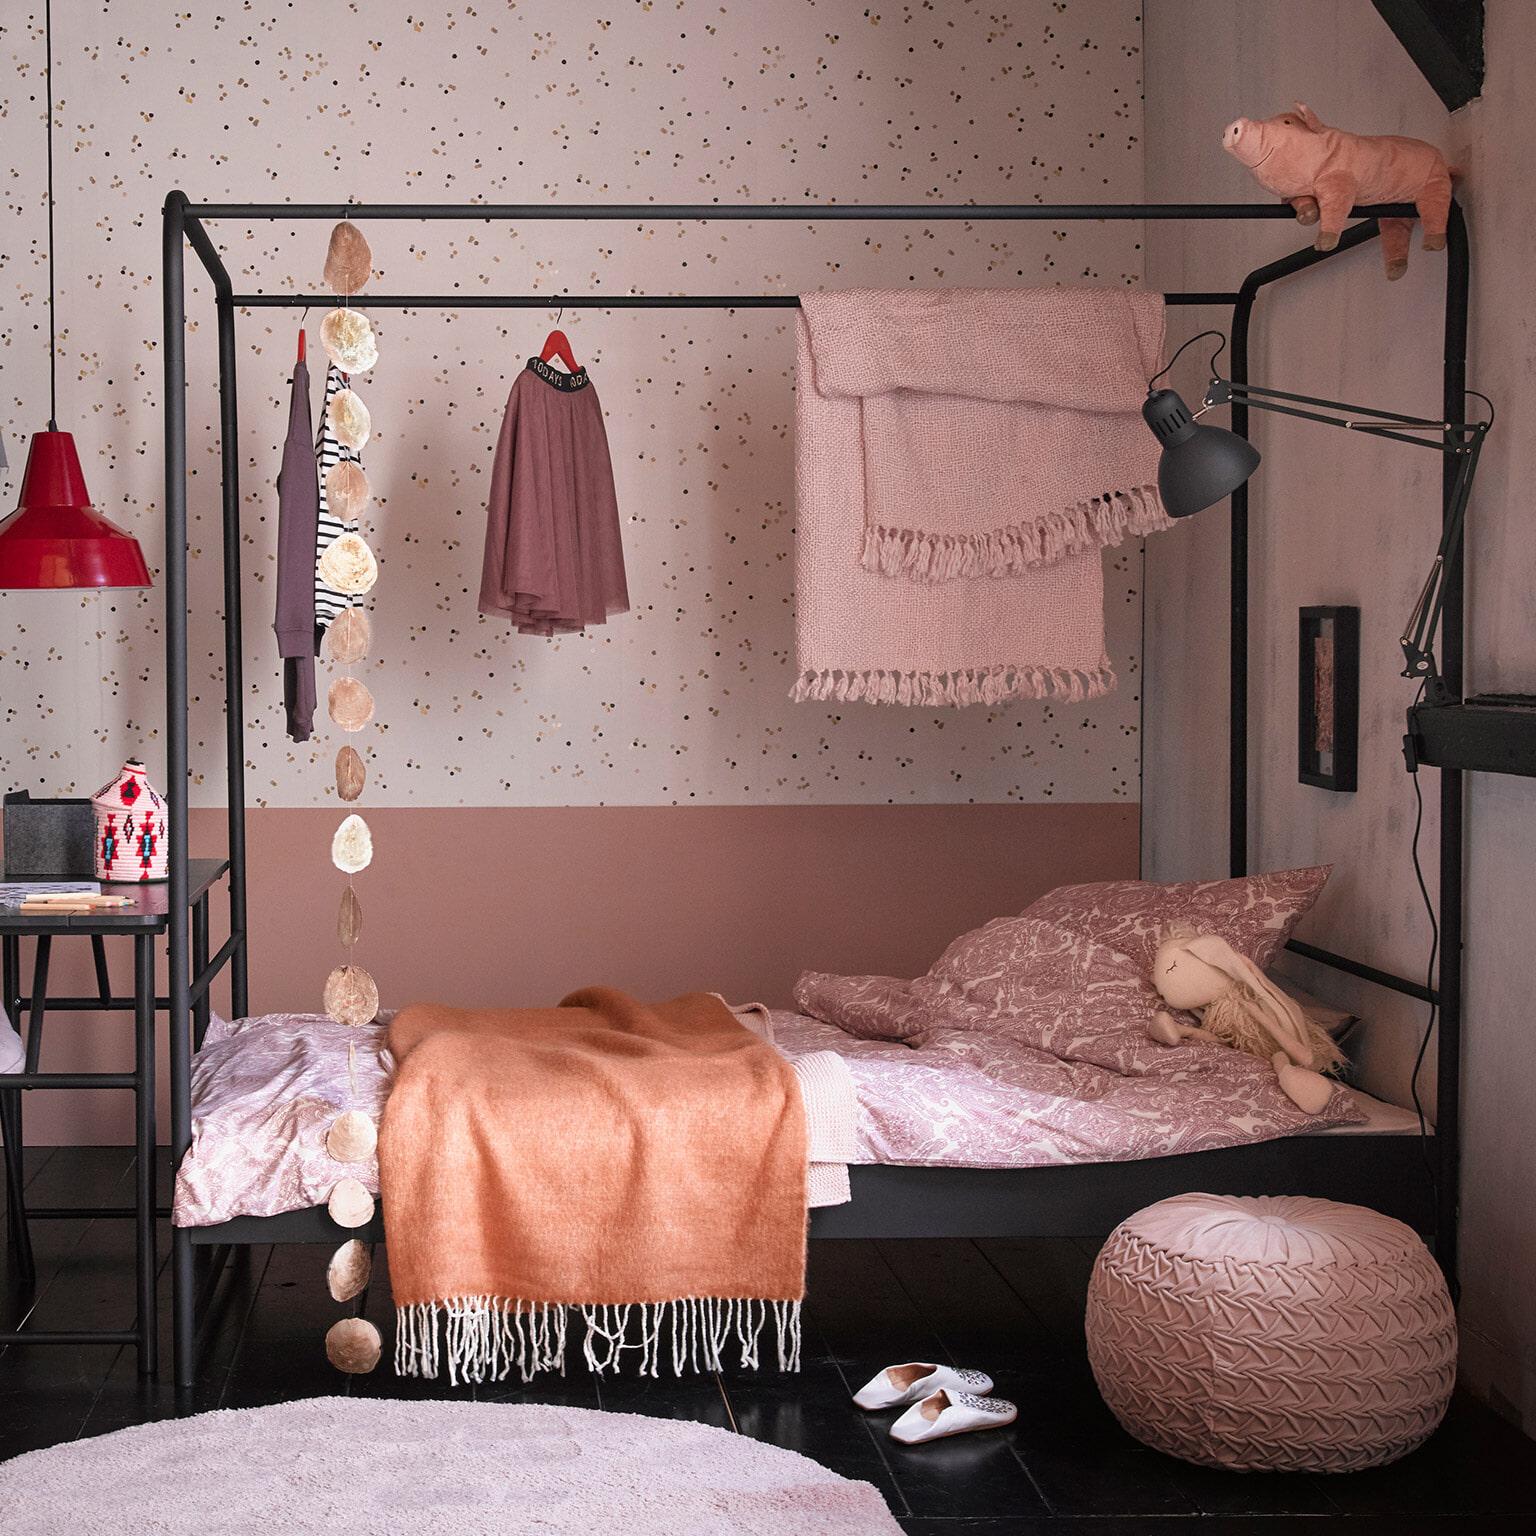 Op UrbanEssentials (wat heb je nodig in de stad?) is alles over gadgets te vinden: waaronder meubelpartner en specifiek vtwonen Bed Bunk 90 x 200cm, kleur Zwart